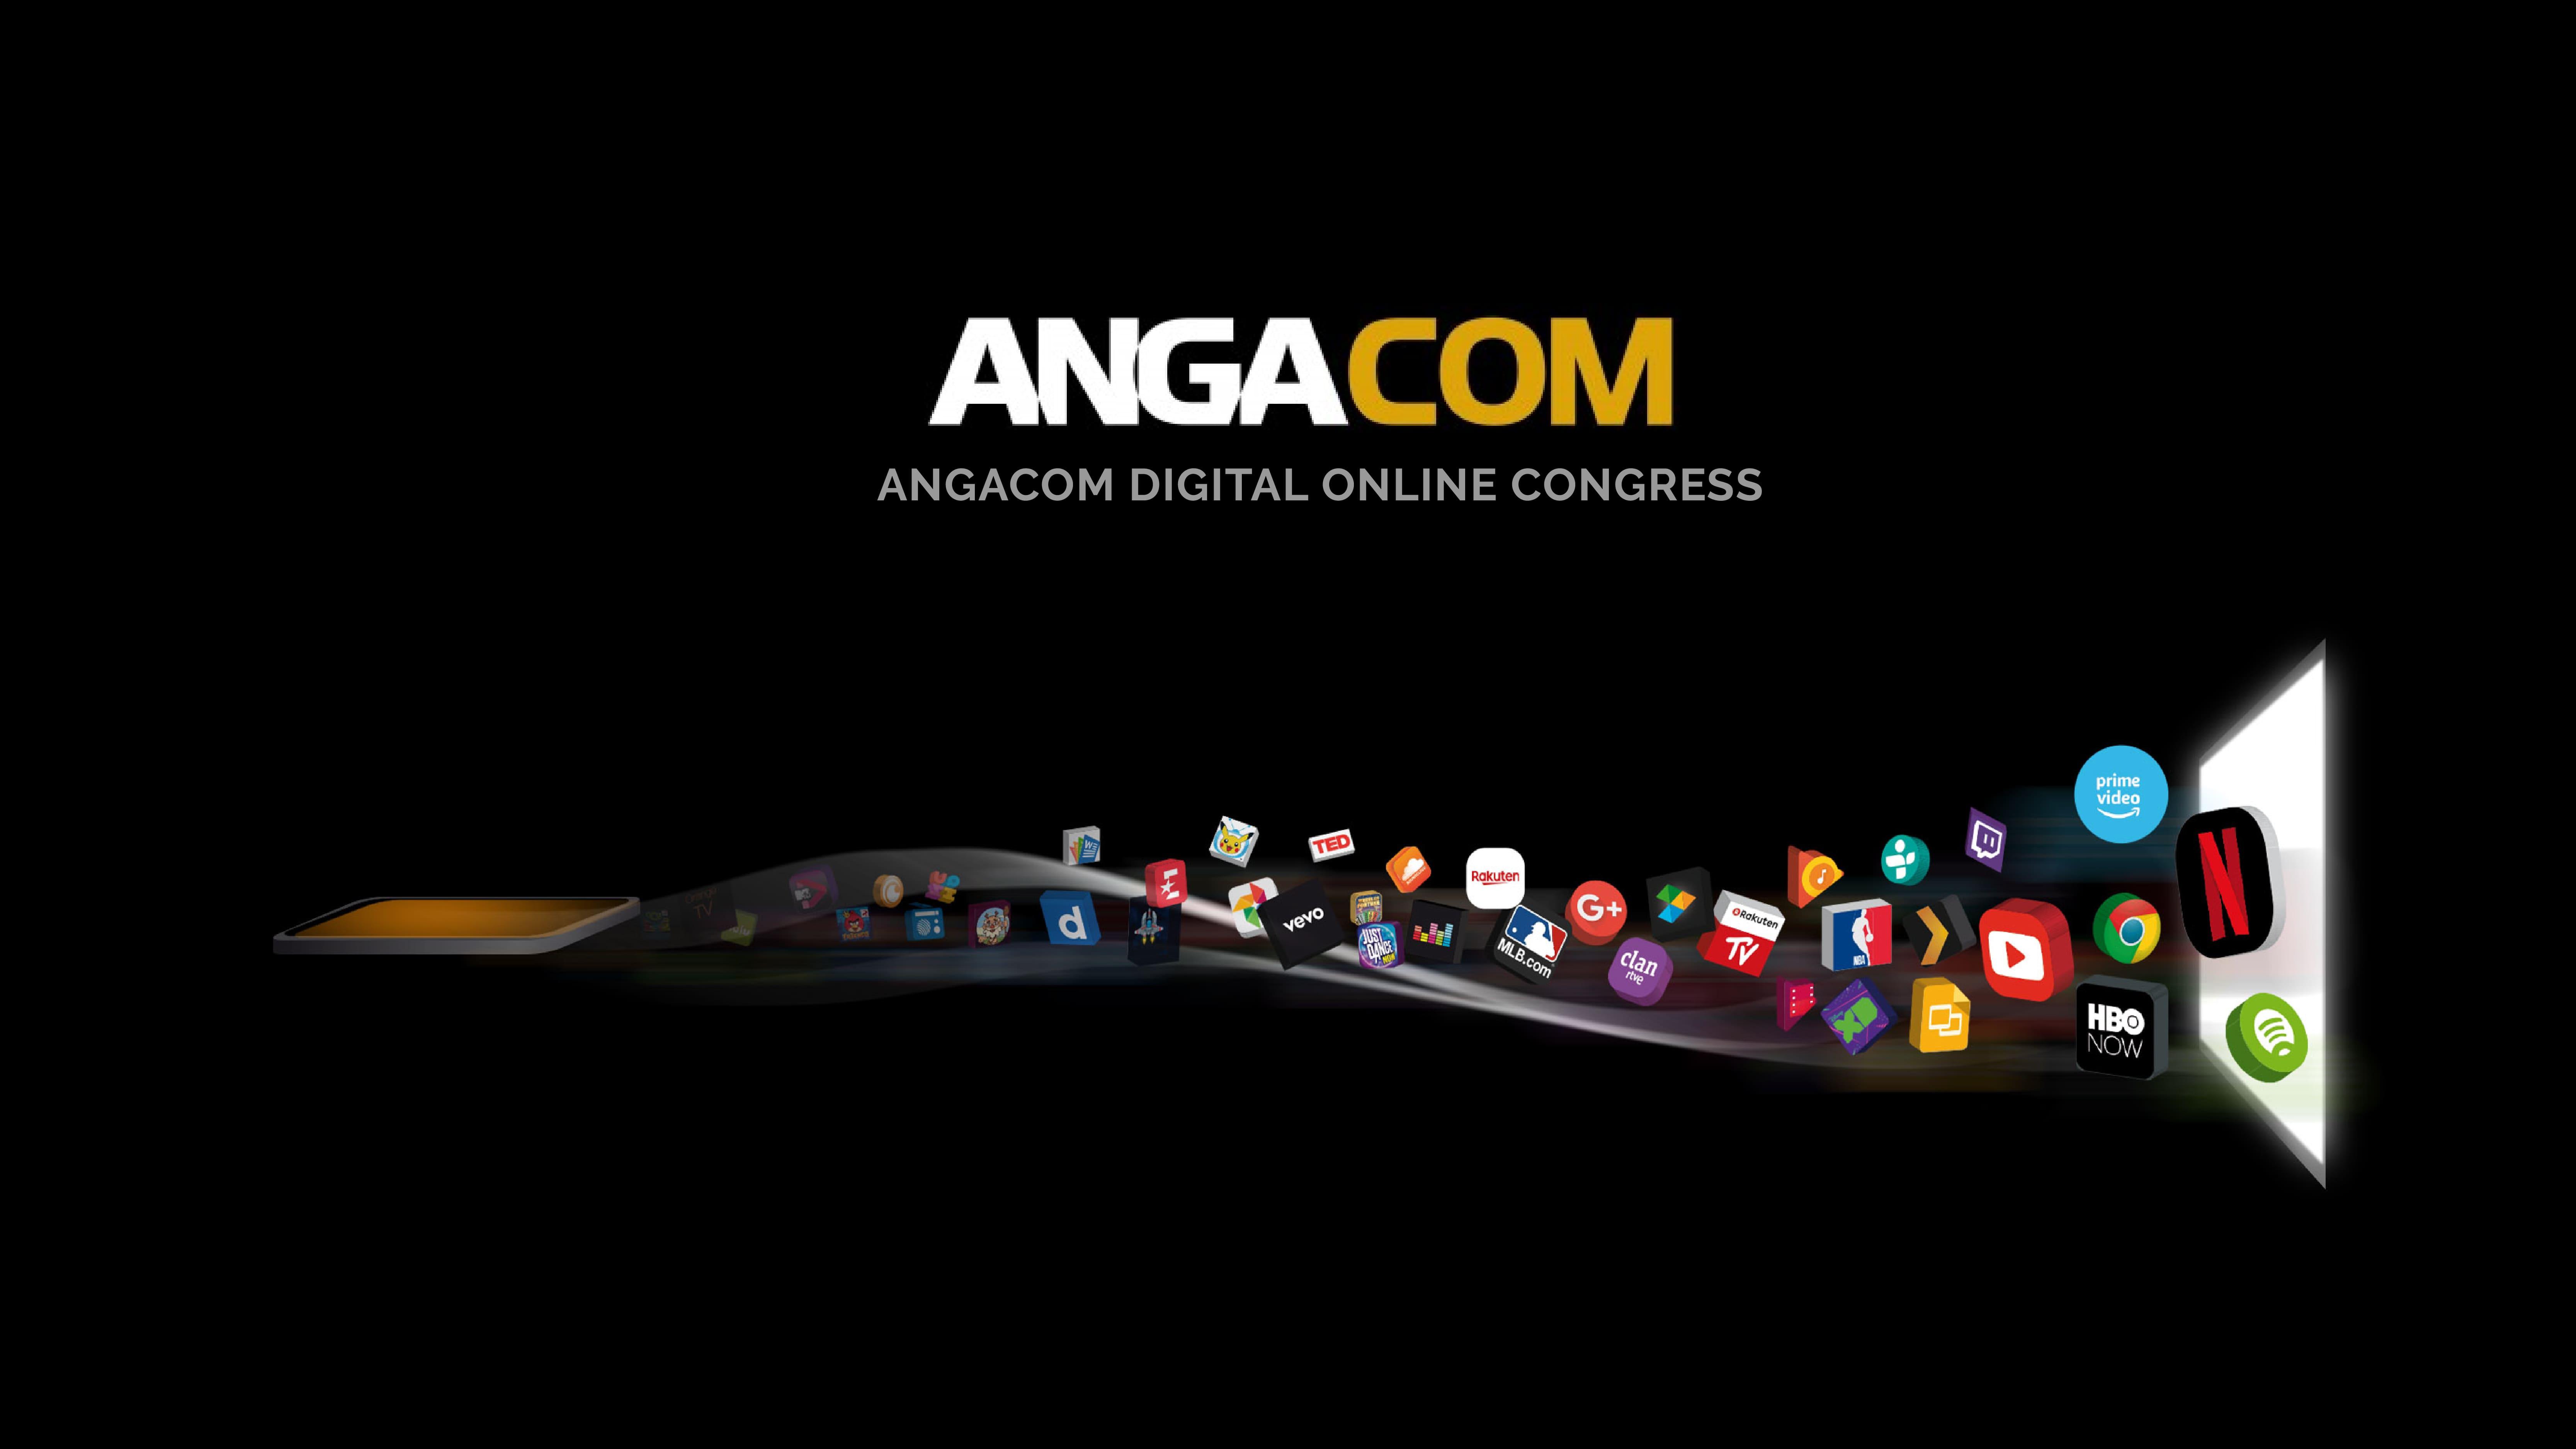 Anga Com